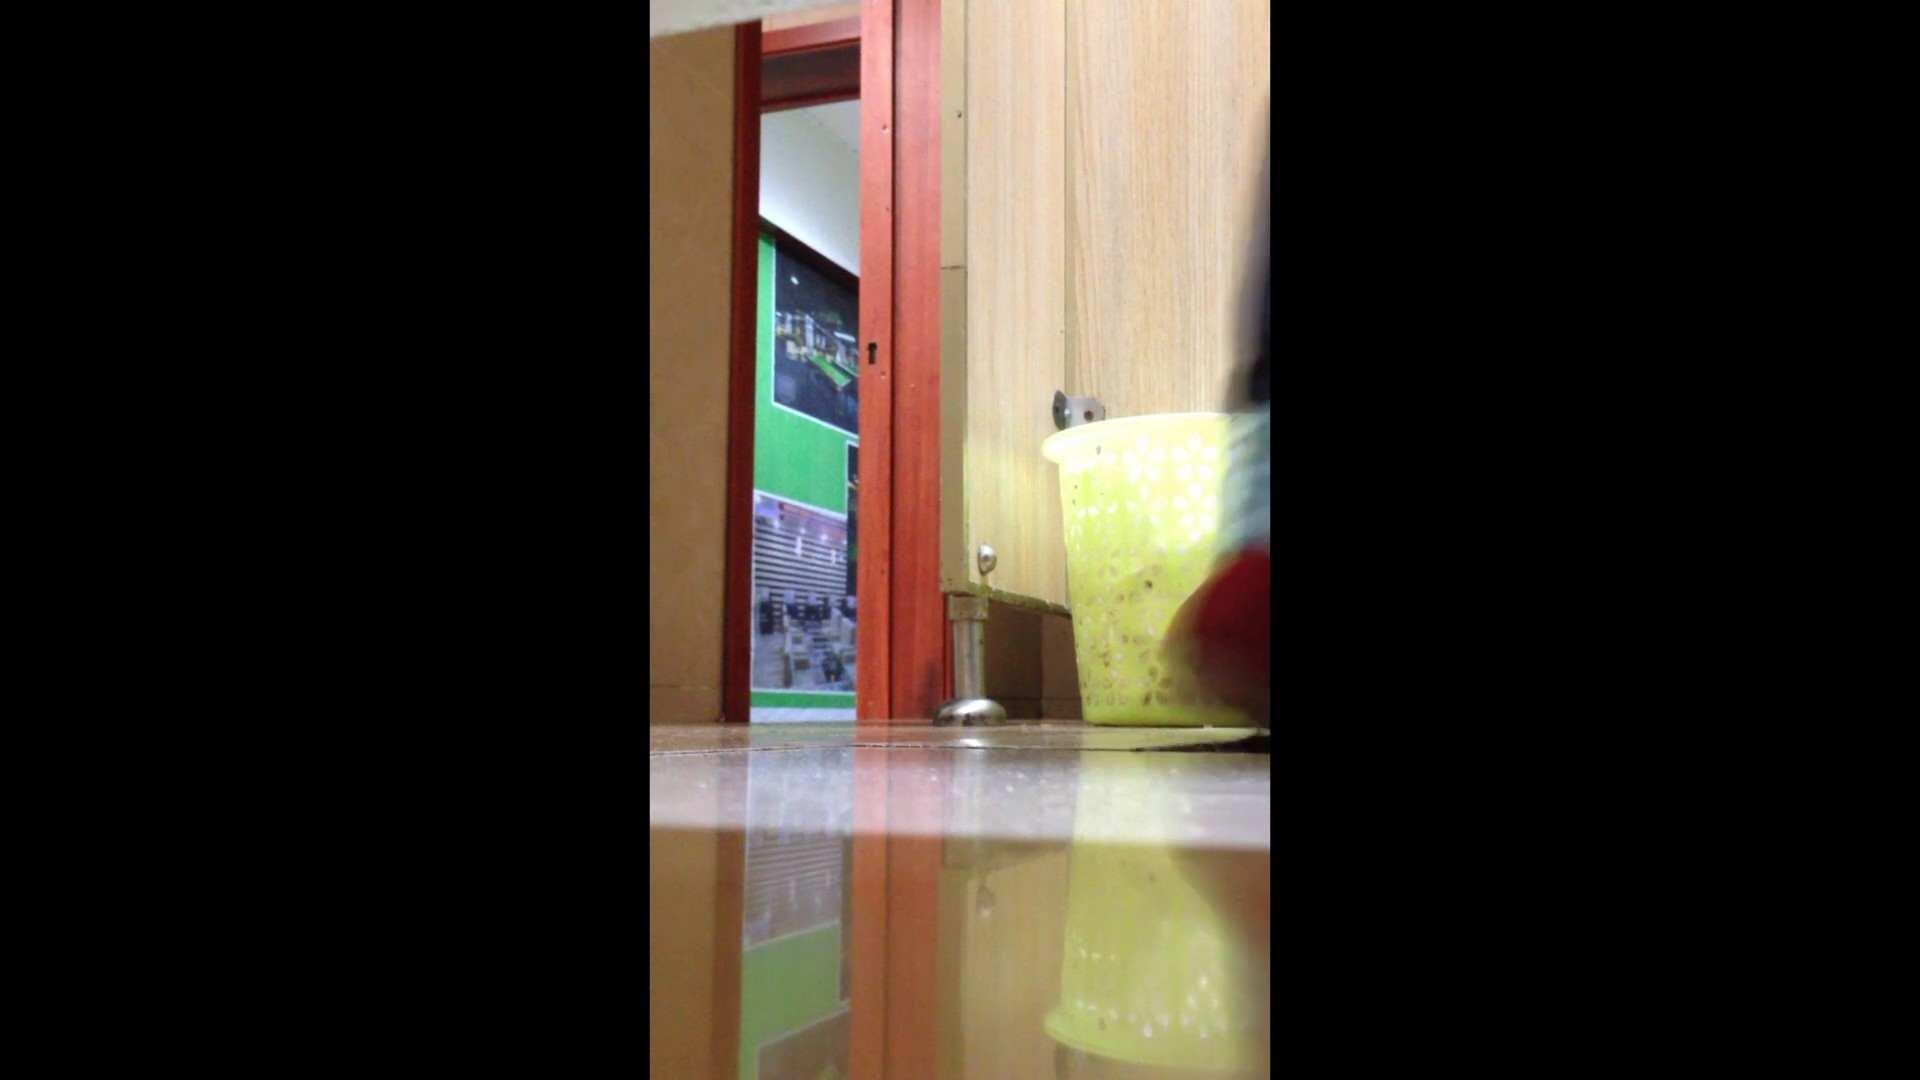 芸術大学ガチ潜入盗撮 JD盗撮 美女の洗面所の秘密 Vol.87 美女 おめこ無修正動画無料 110枚 106